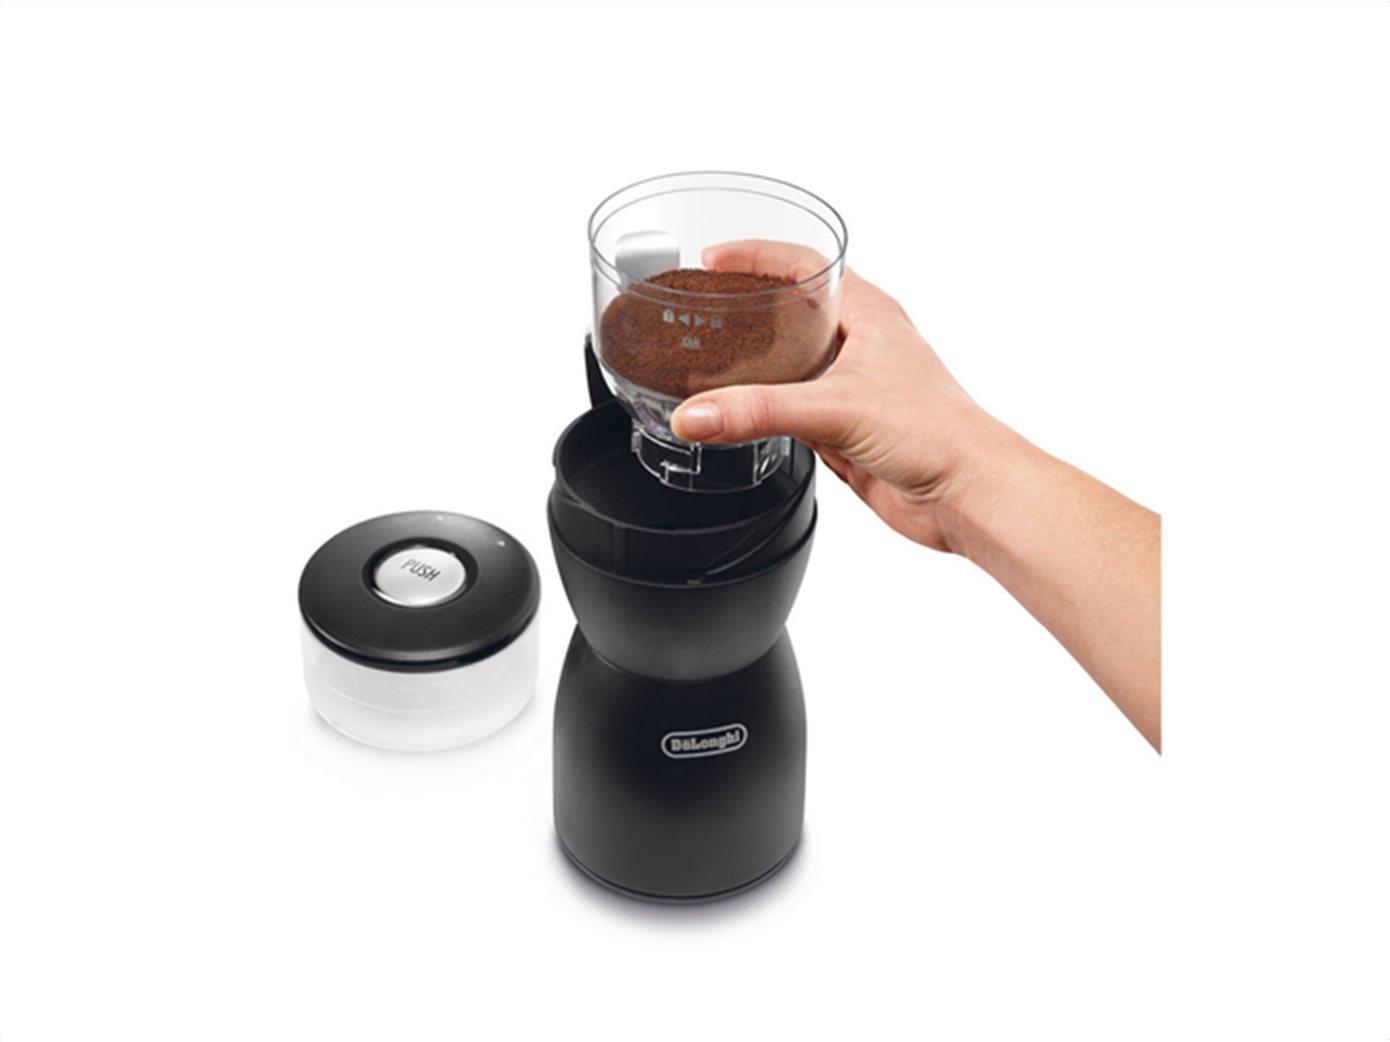 Μύλος άλεσης καφέ KG49 90GR De'Longhi 2